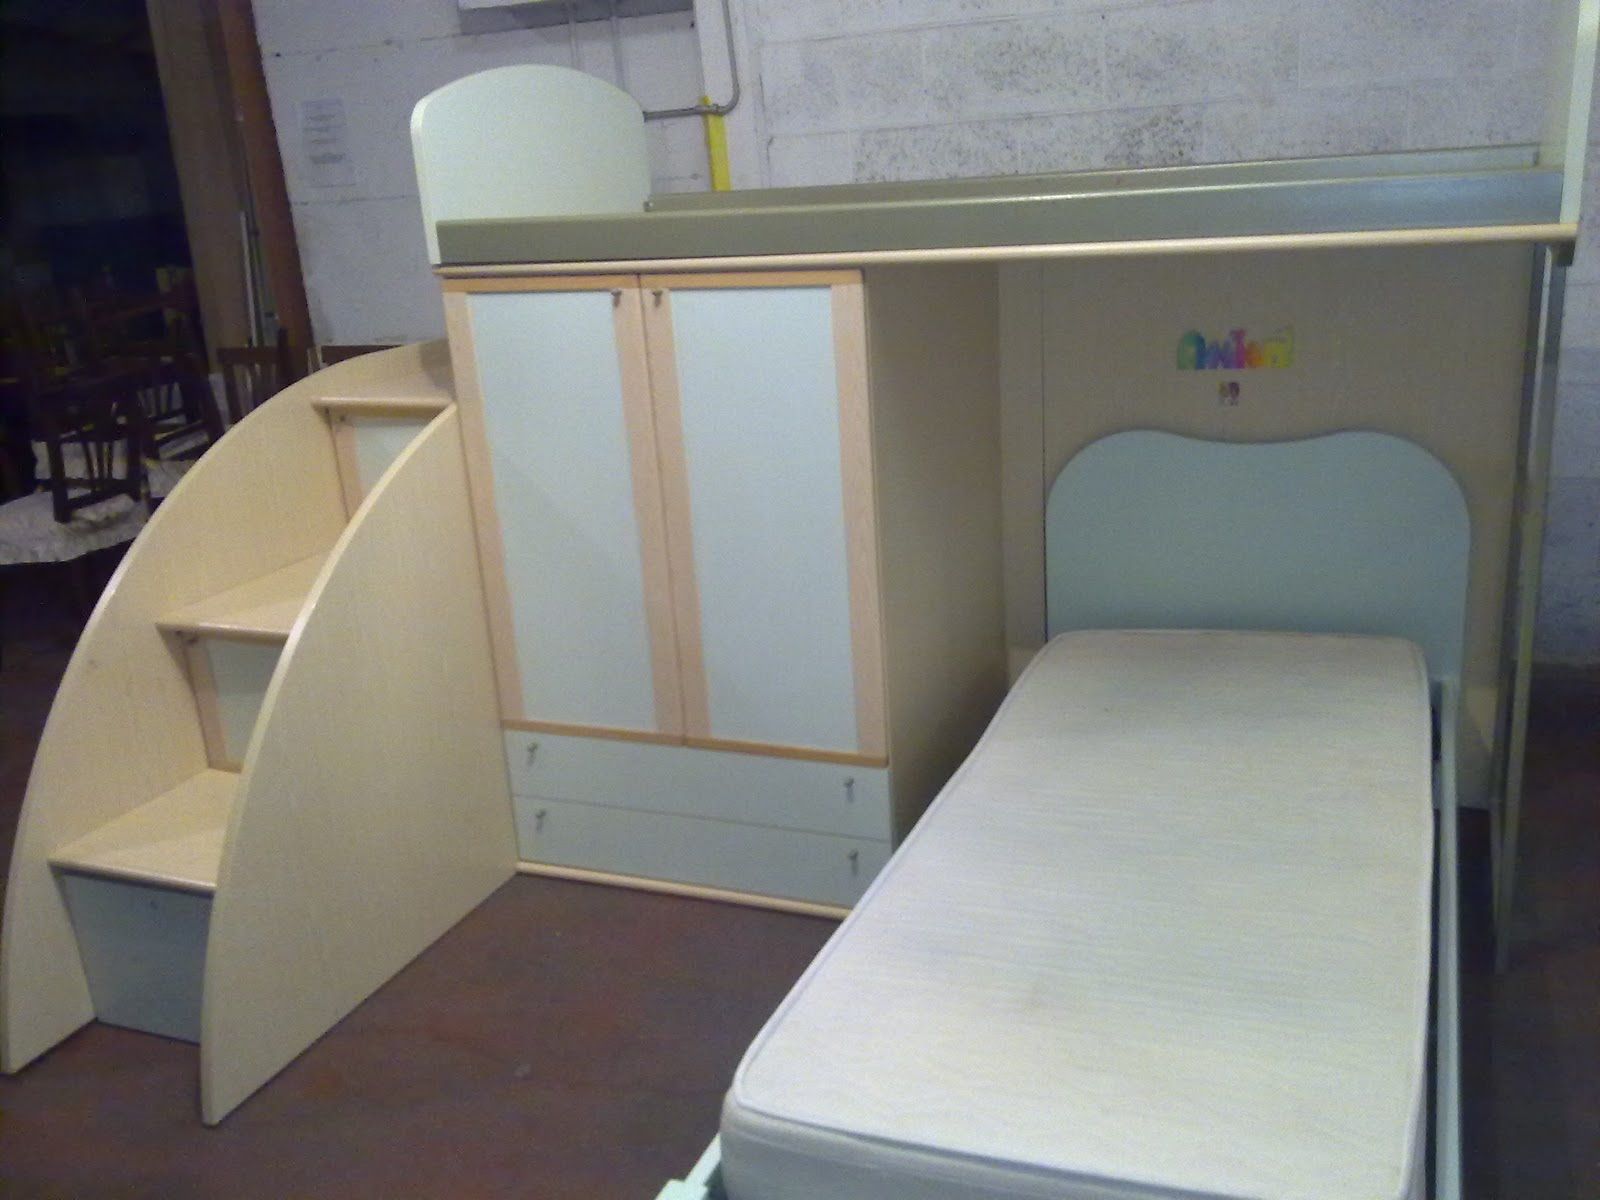 Arredamento usato a roma gennaio 2012 - Cerco divano angolare usato ...